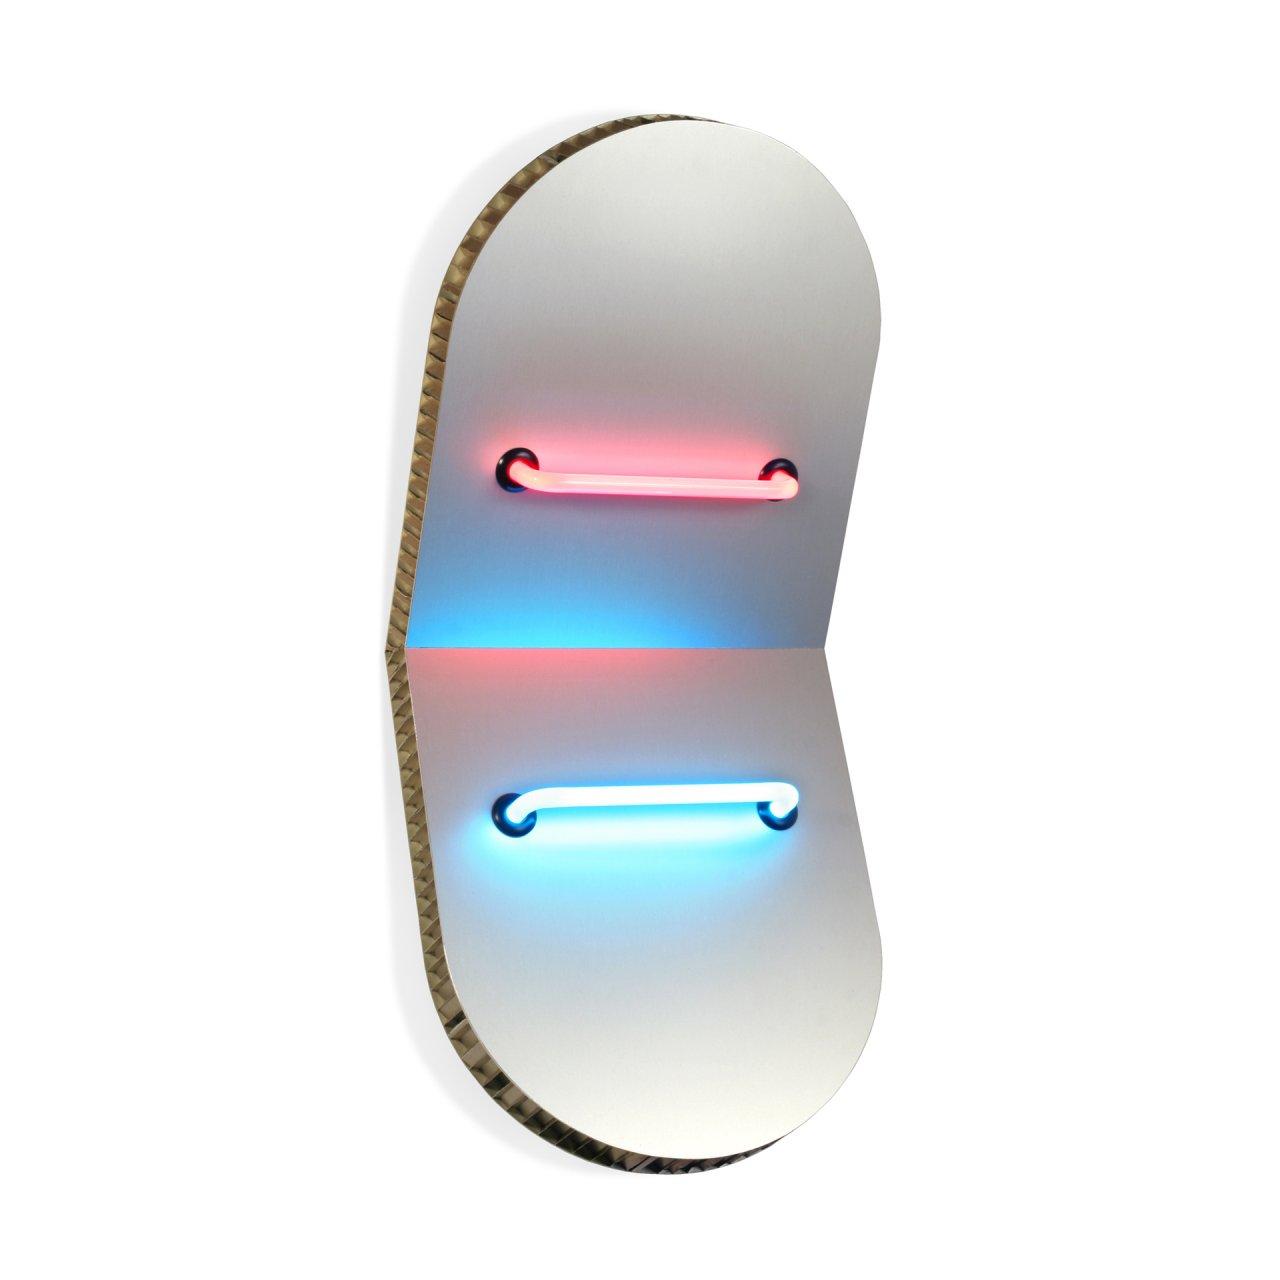 Elliptical Shields V Circular by Keith Sonnier